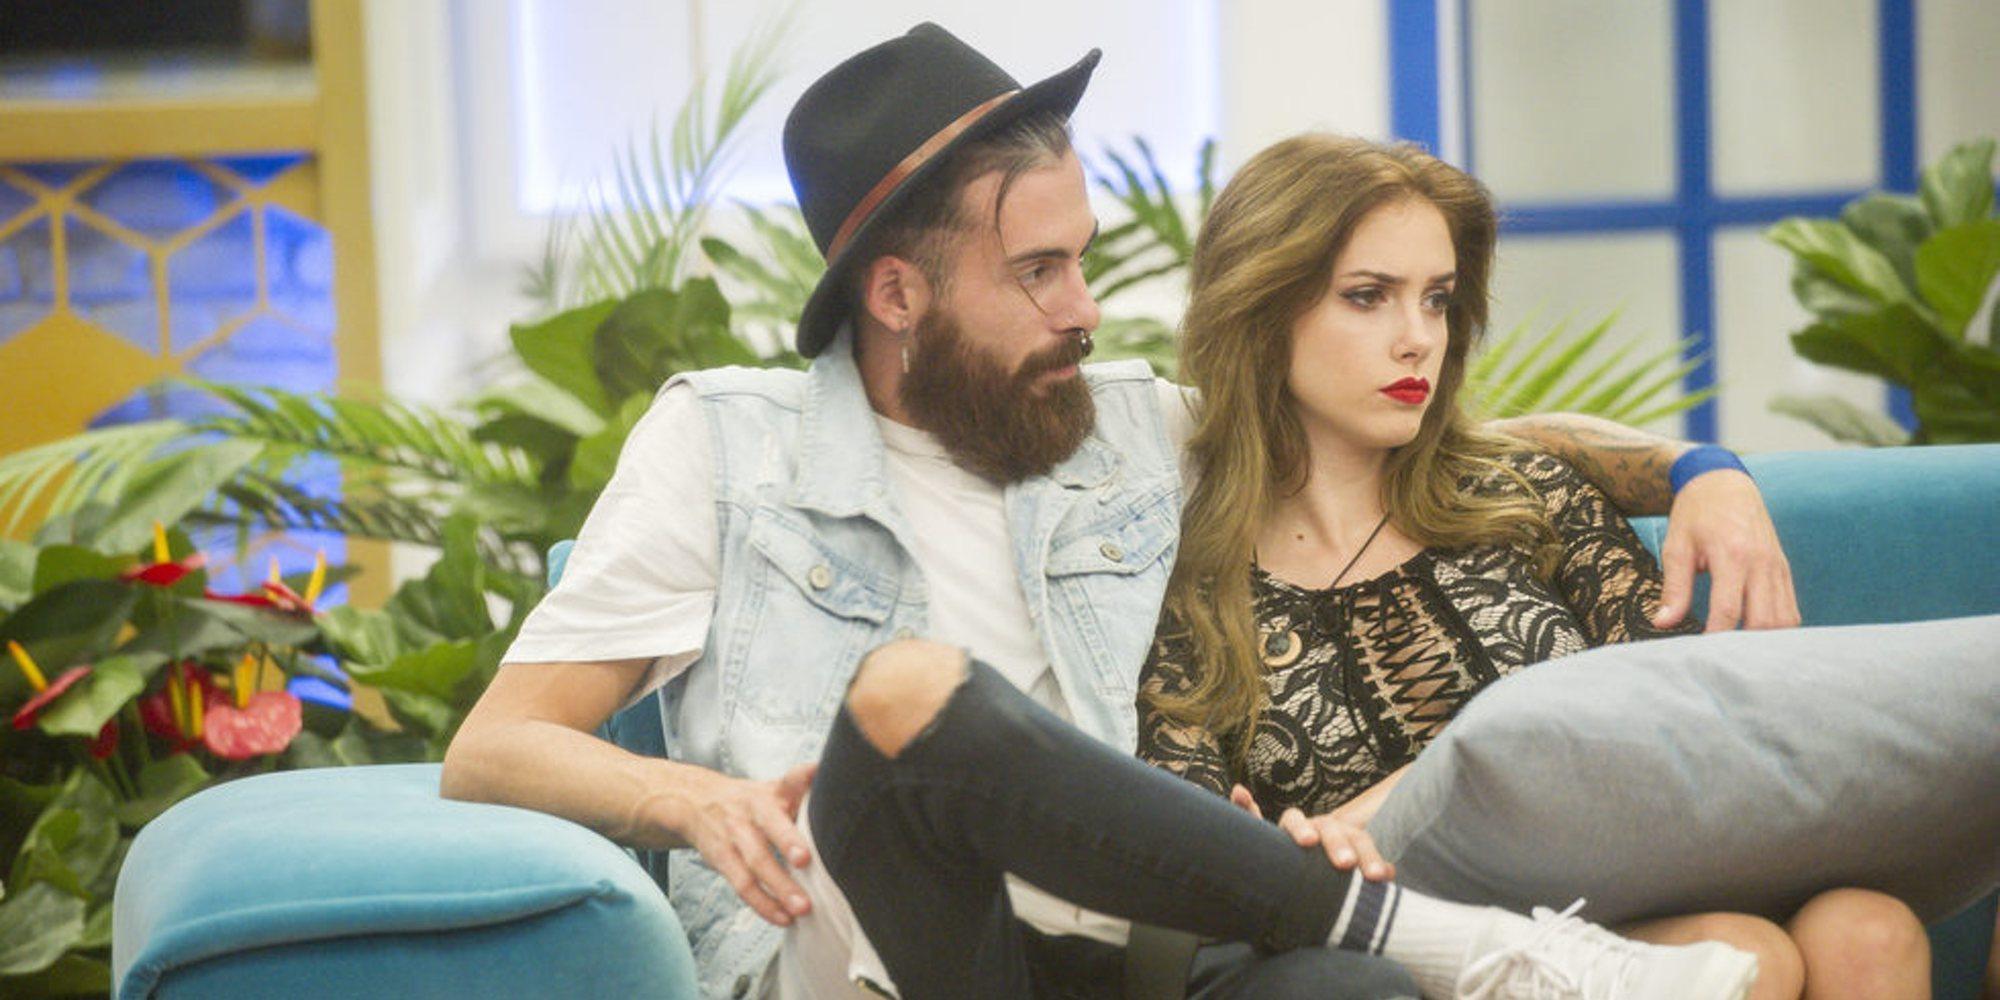 Endemol admite errores en su actuación en la presunta violación de Carlota Prado en 'GH Revolution'